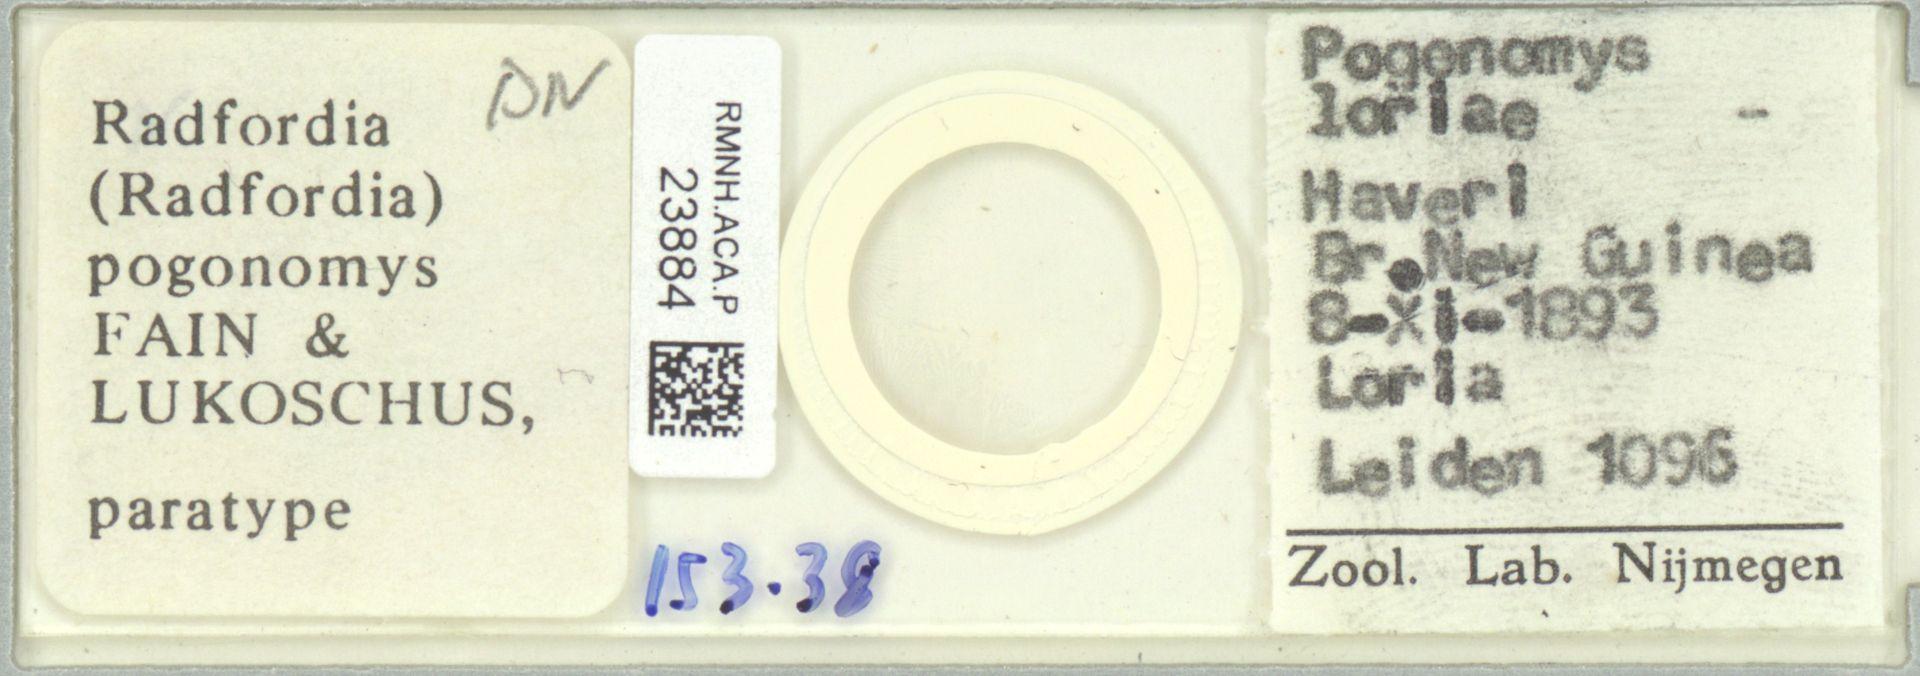 RMNH.ACA.P.23884 | Radfordia (Radfordia) pogonomys Fain & Lukoschus